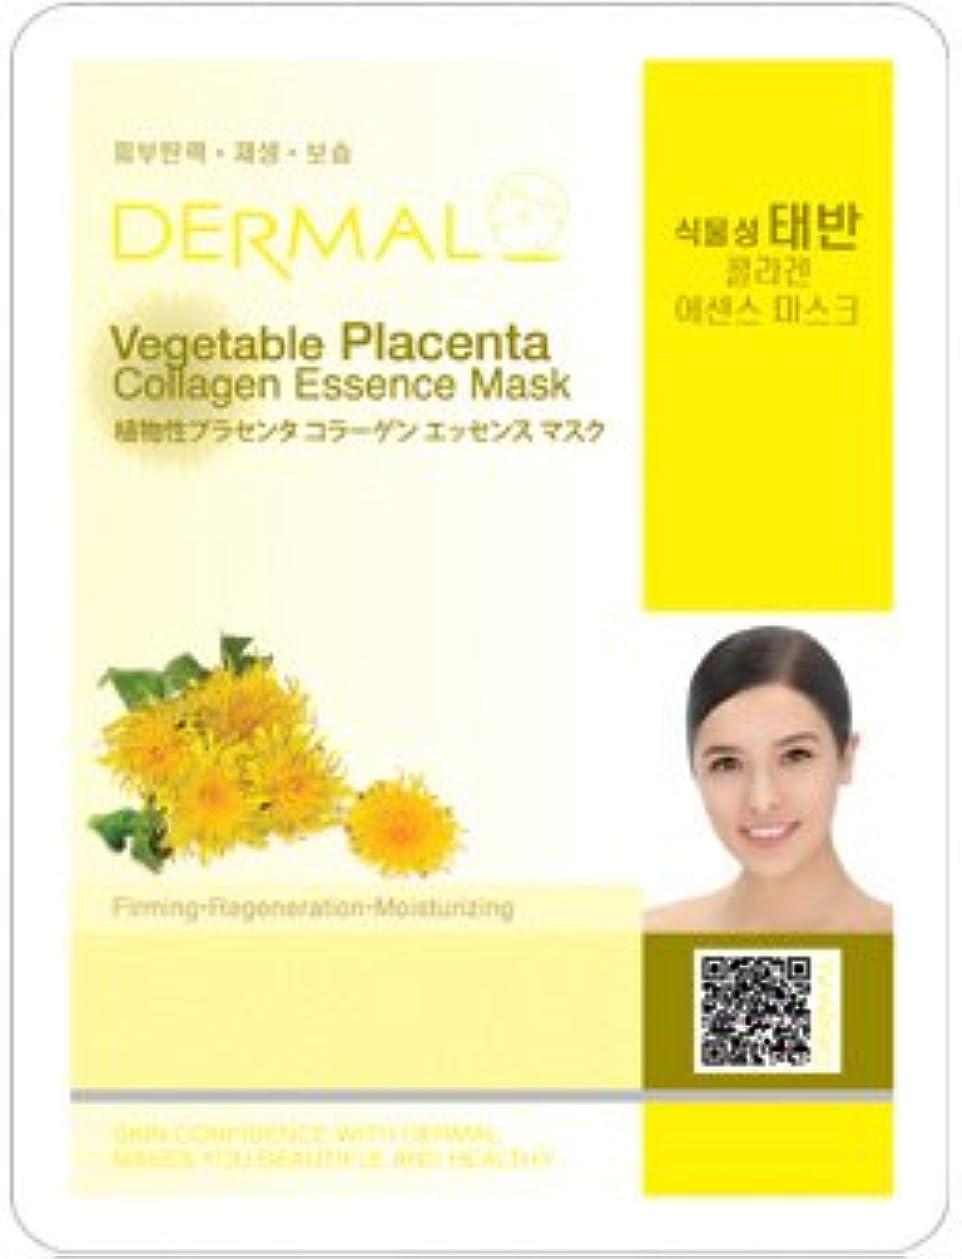 広いトイレフォアマンシートマスク 植物性プラセンタ 100枚 セット ダーマル(Dermal) フェイス パック